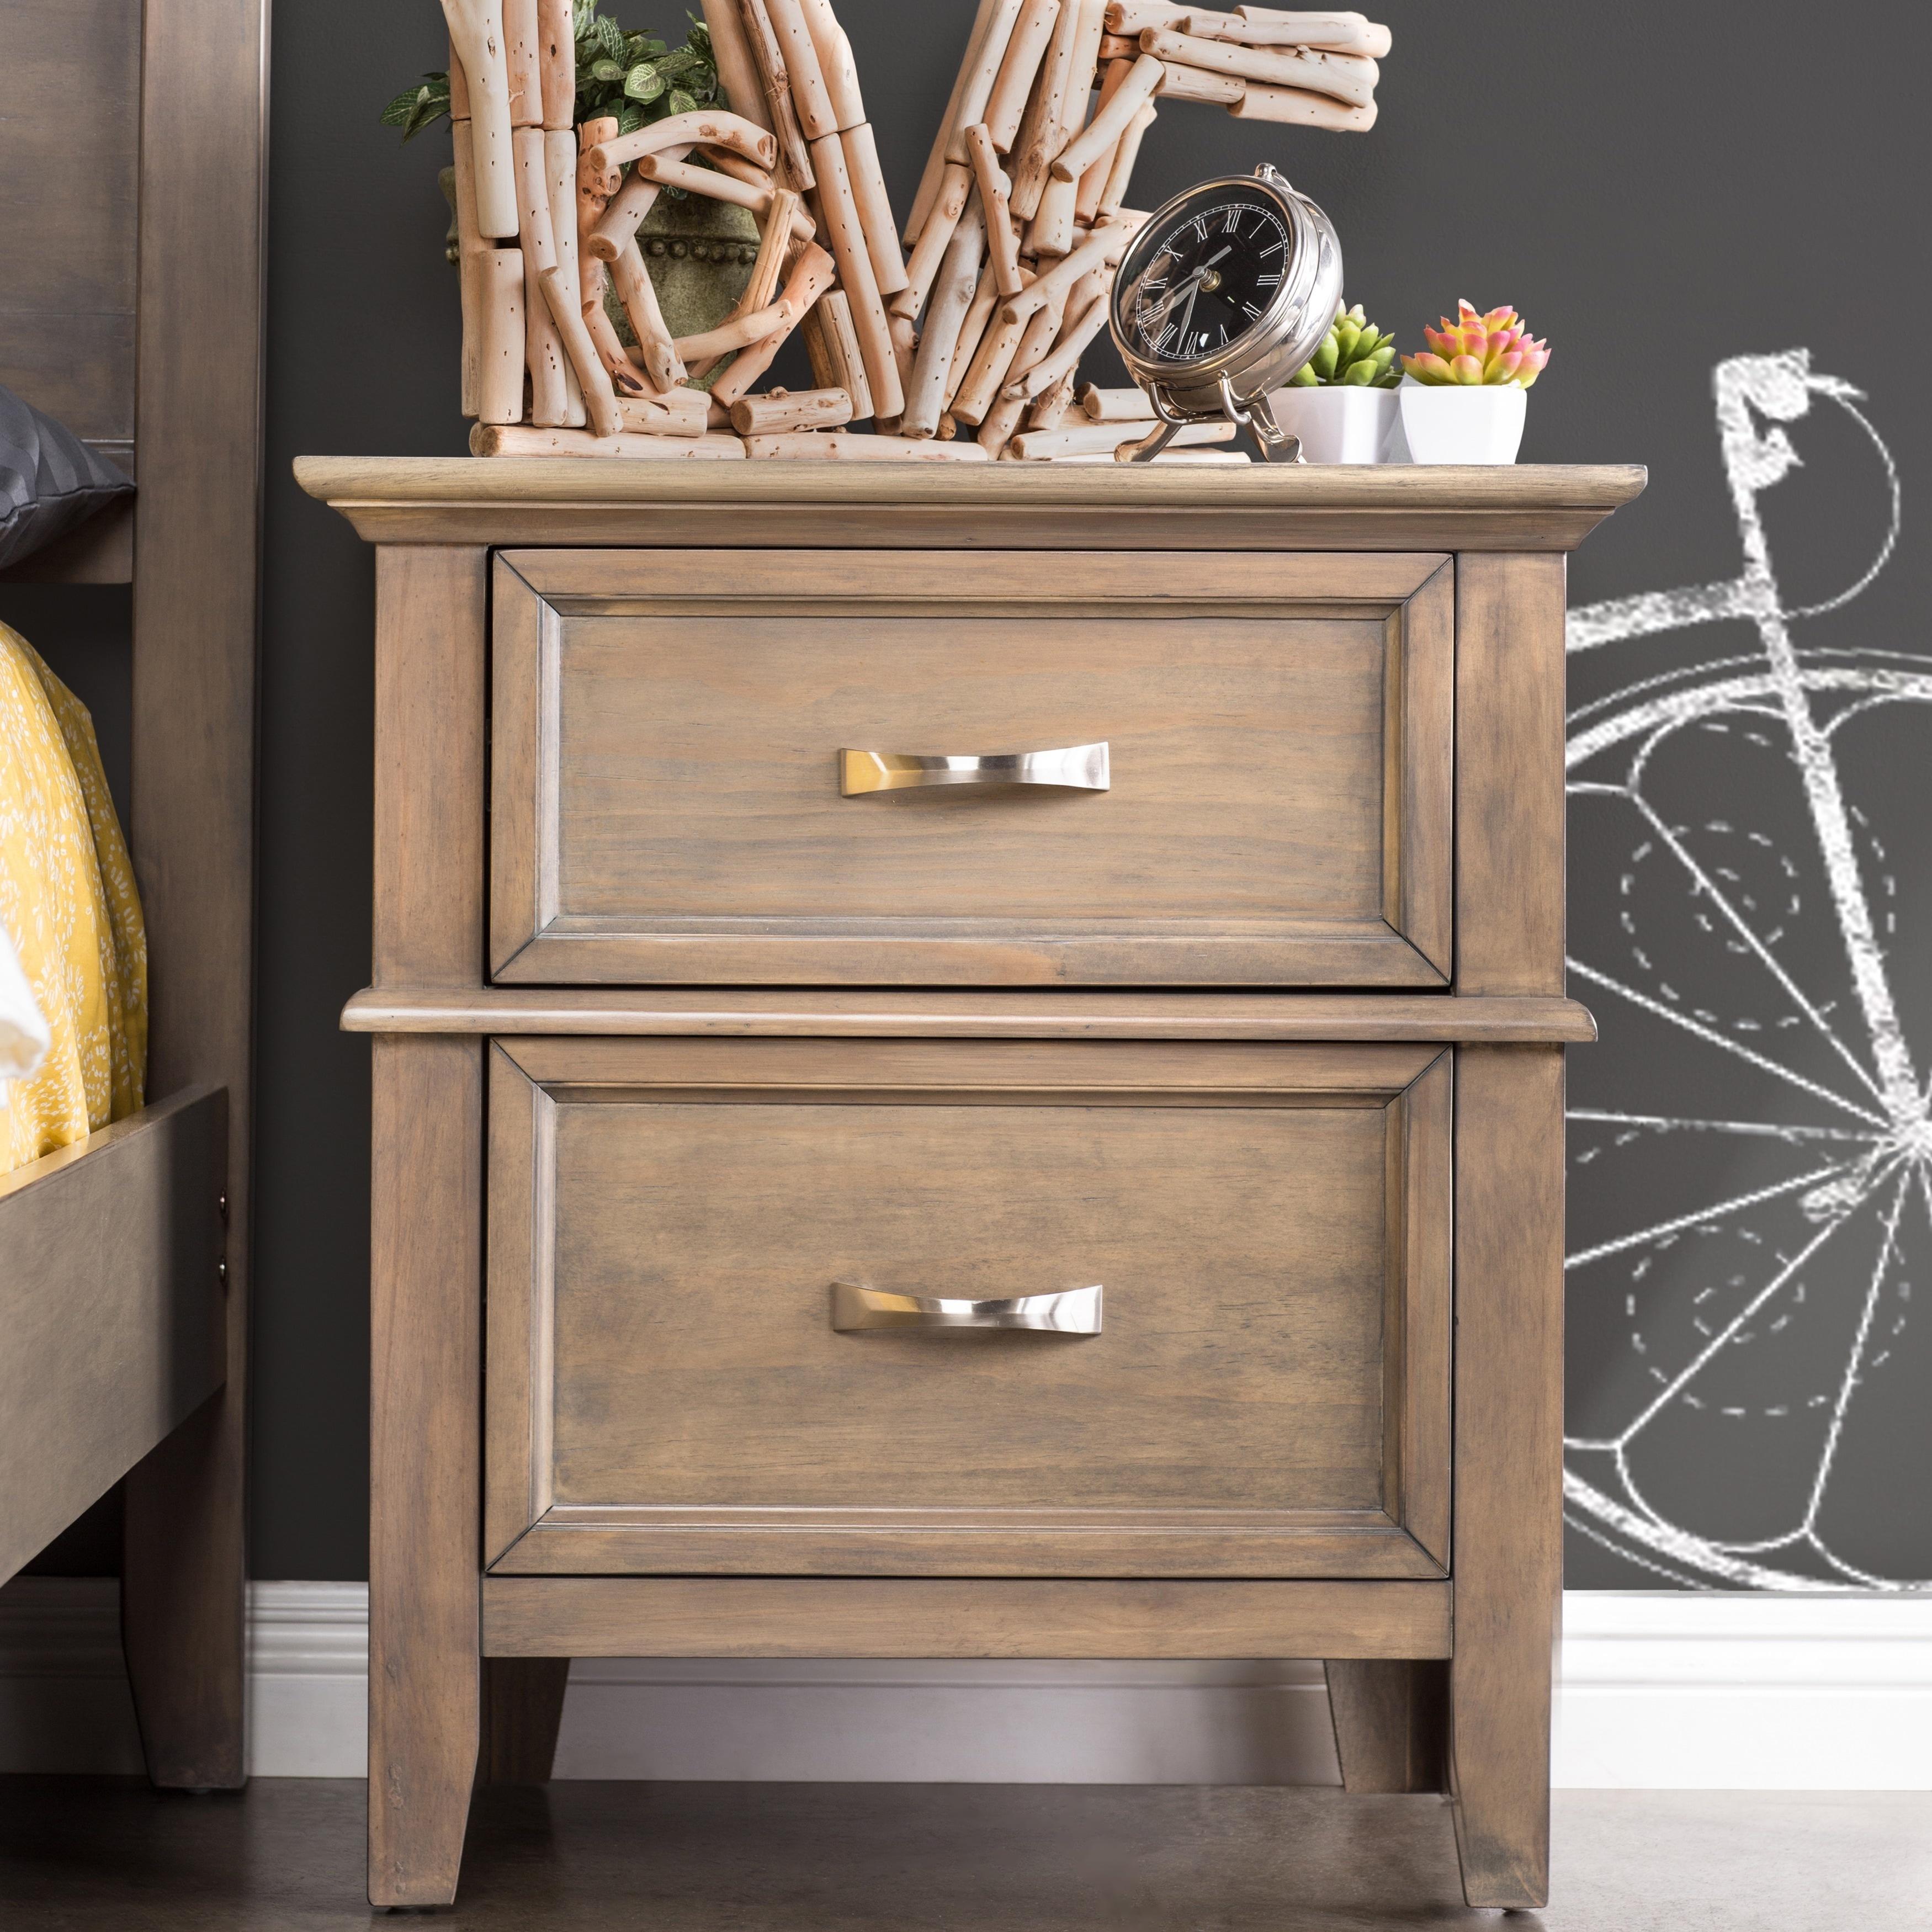 weathered distressed furniture jmdemo painted dresser us wood ideas design